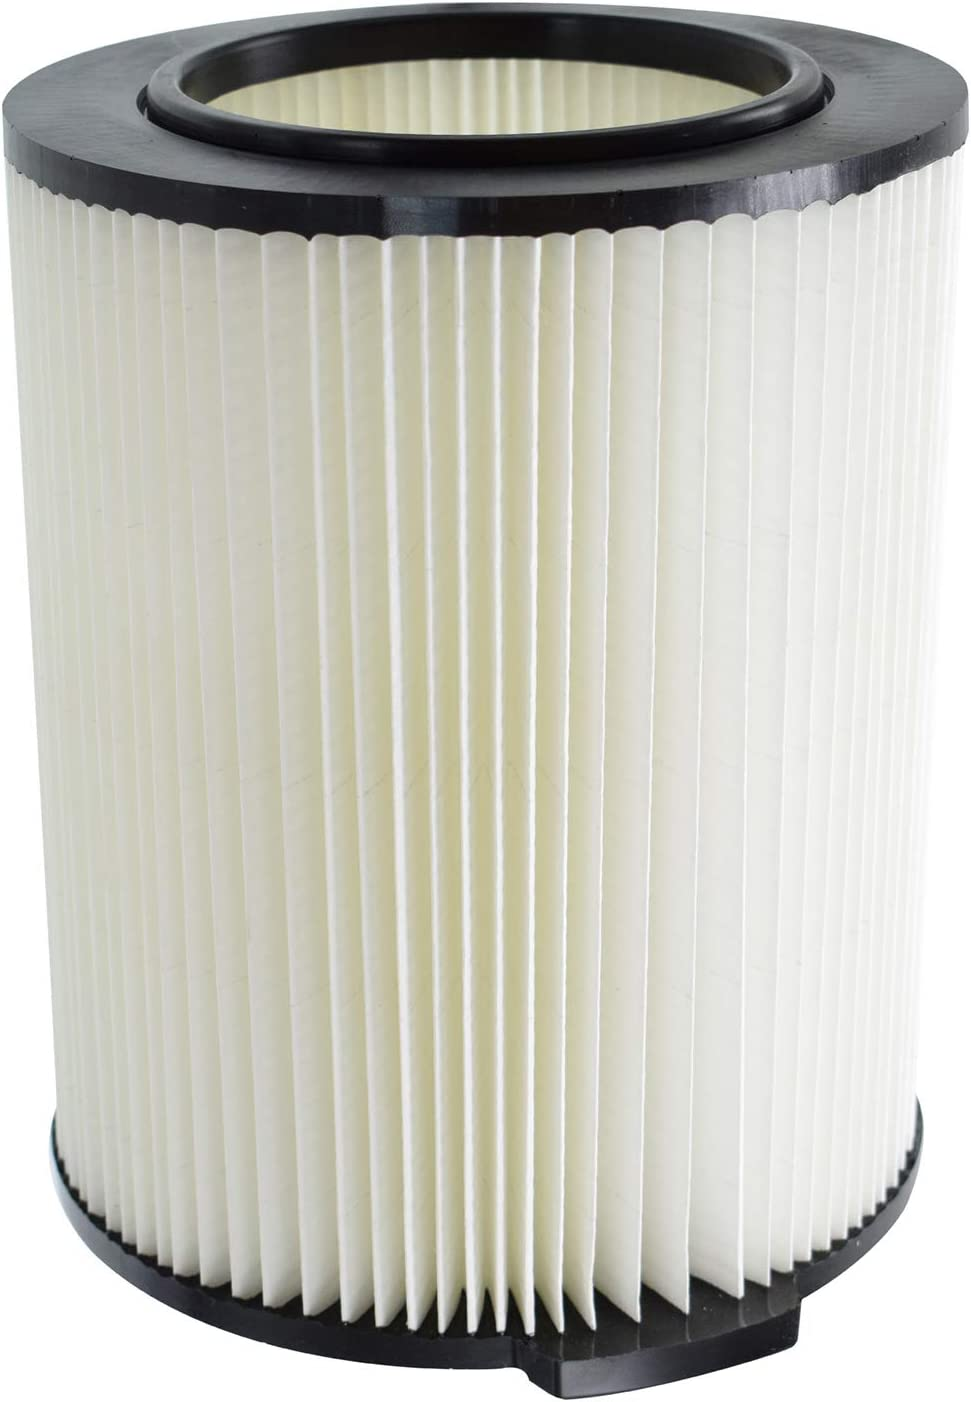 Filtro para aspiradora Ridgid WD5500 WD0671 WD1270 RV2400A